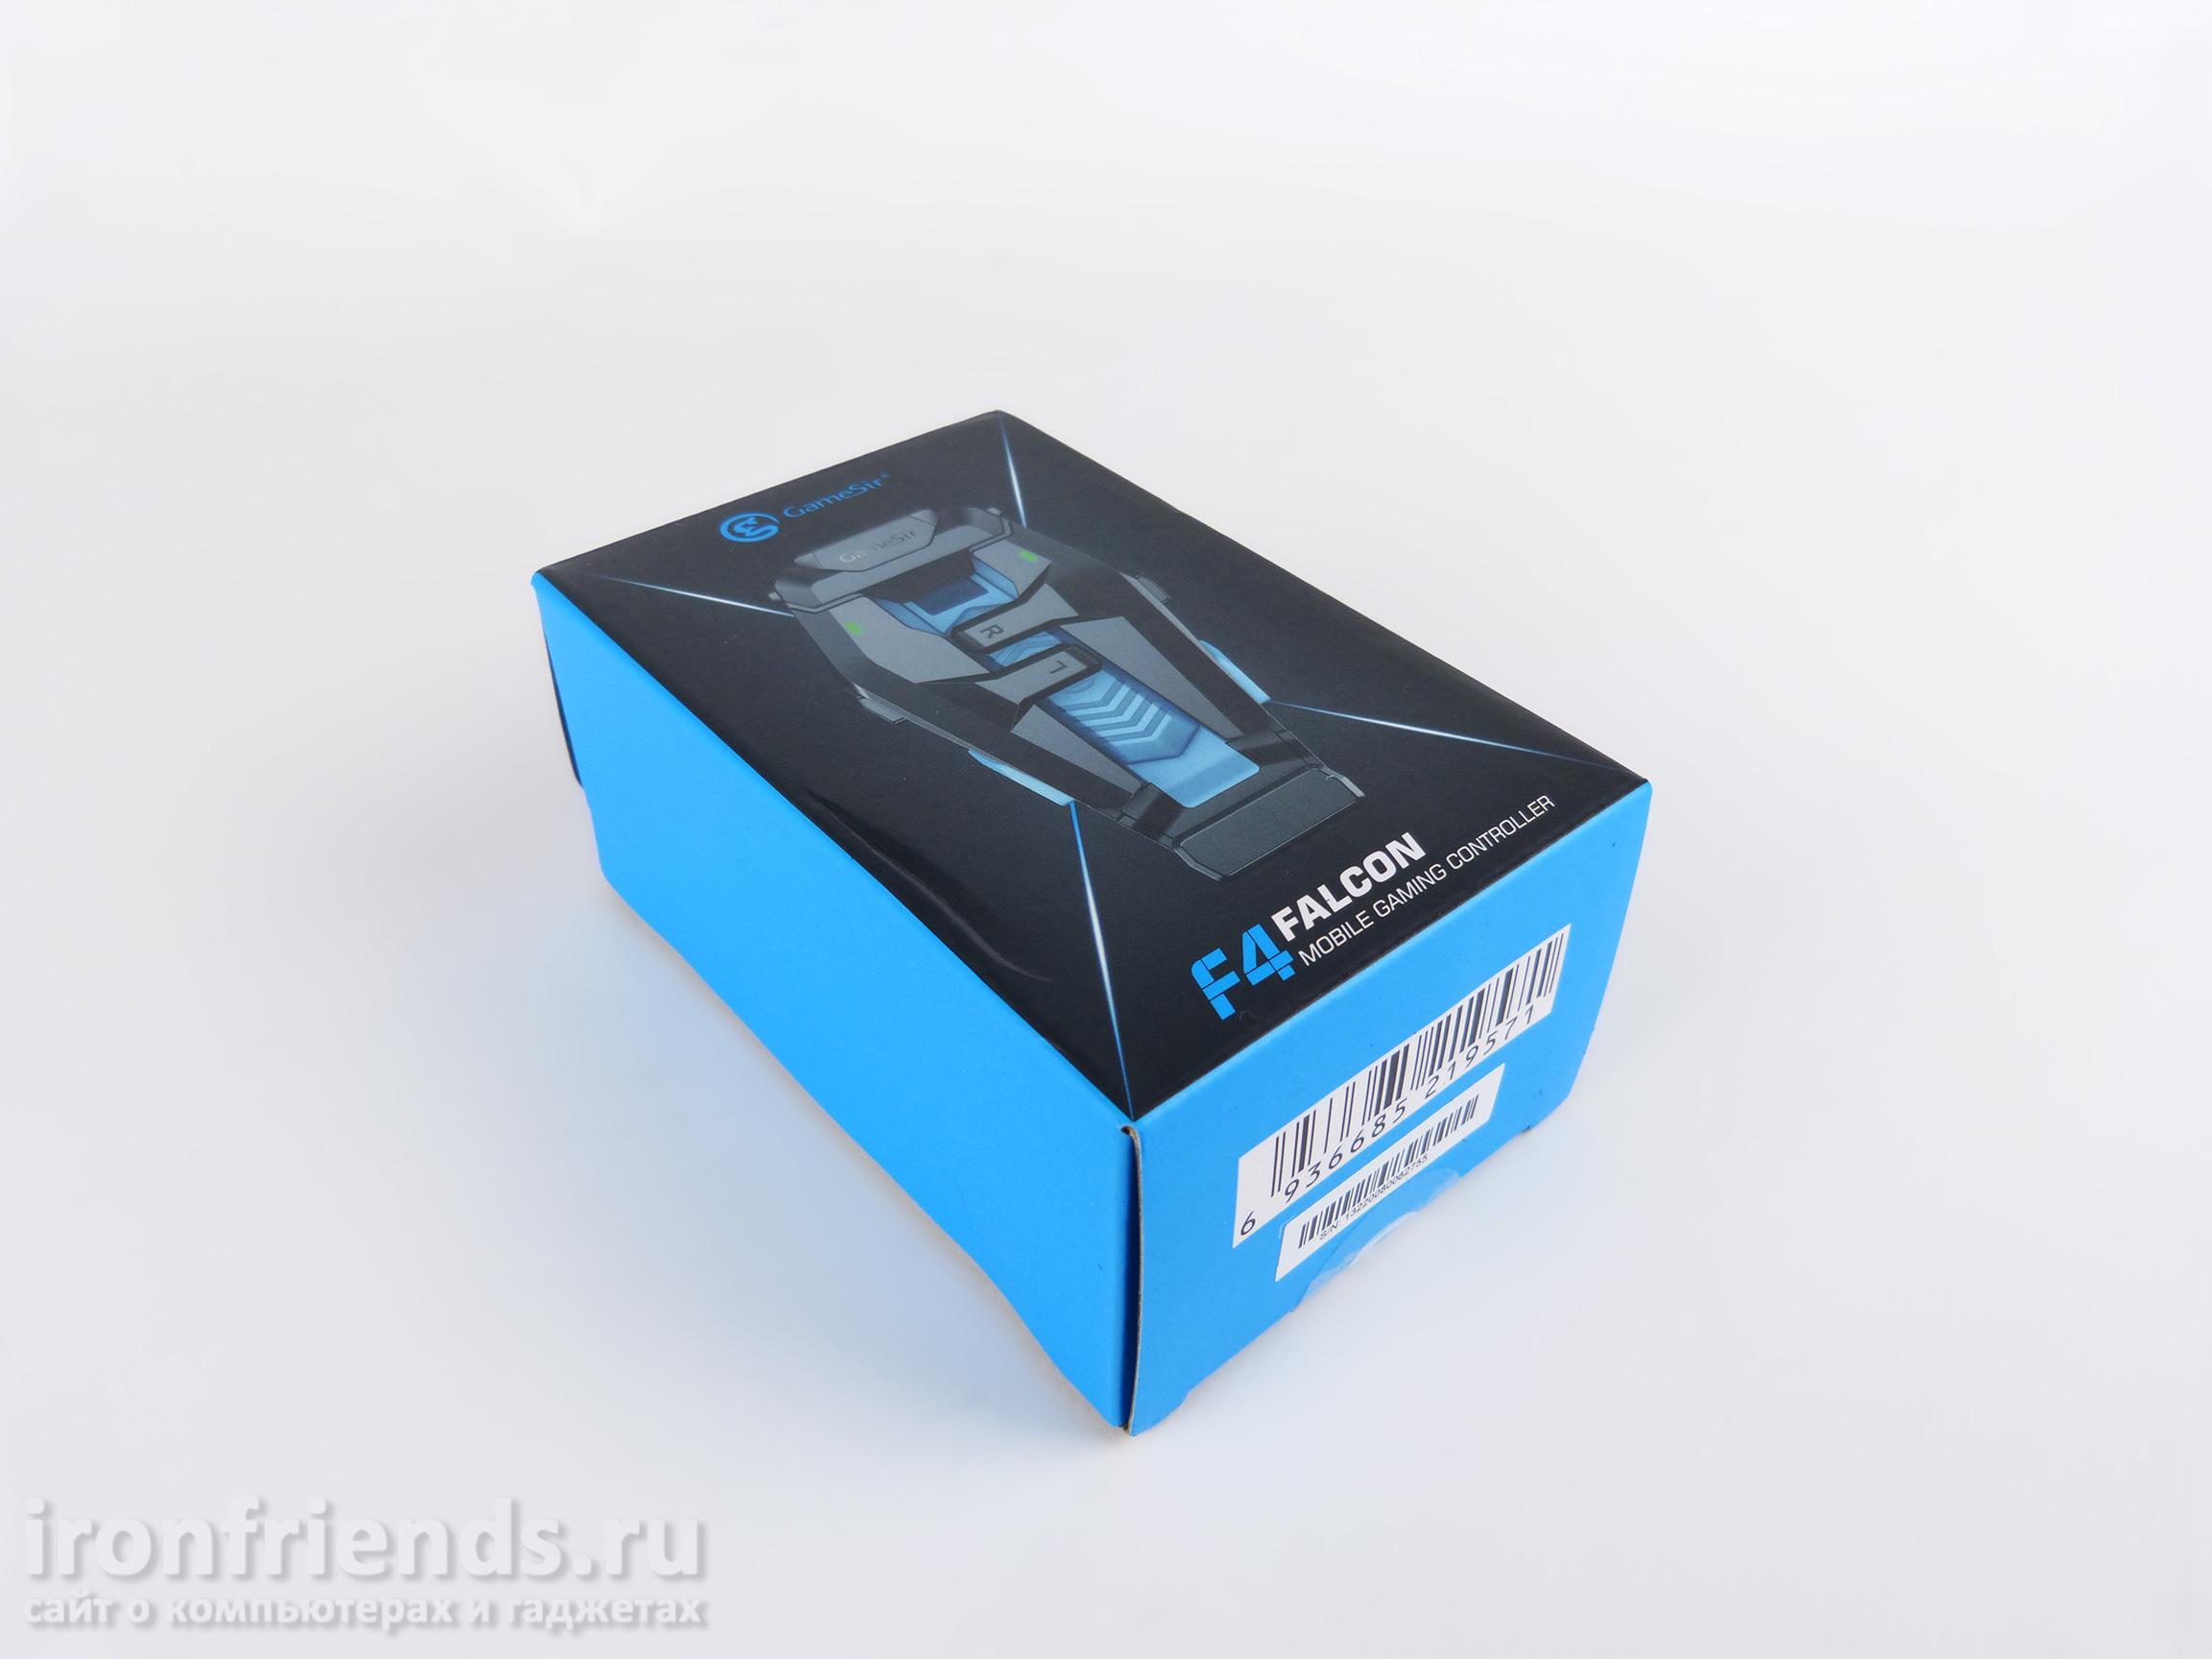 Упаковка GameSir F4 Falcon